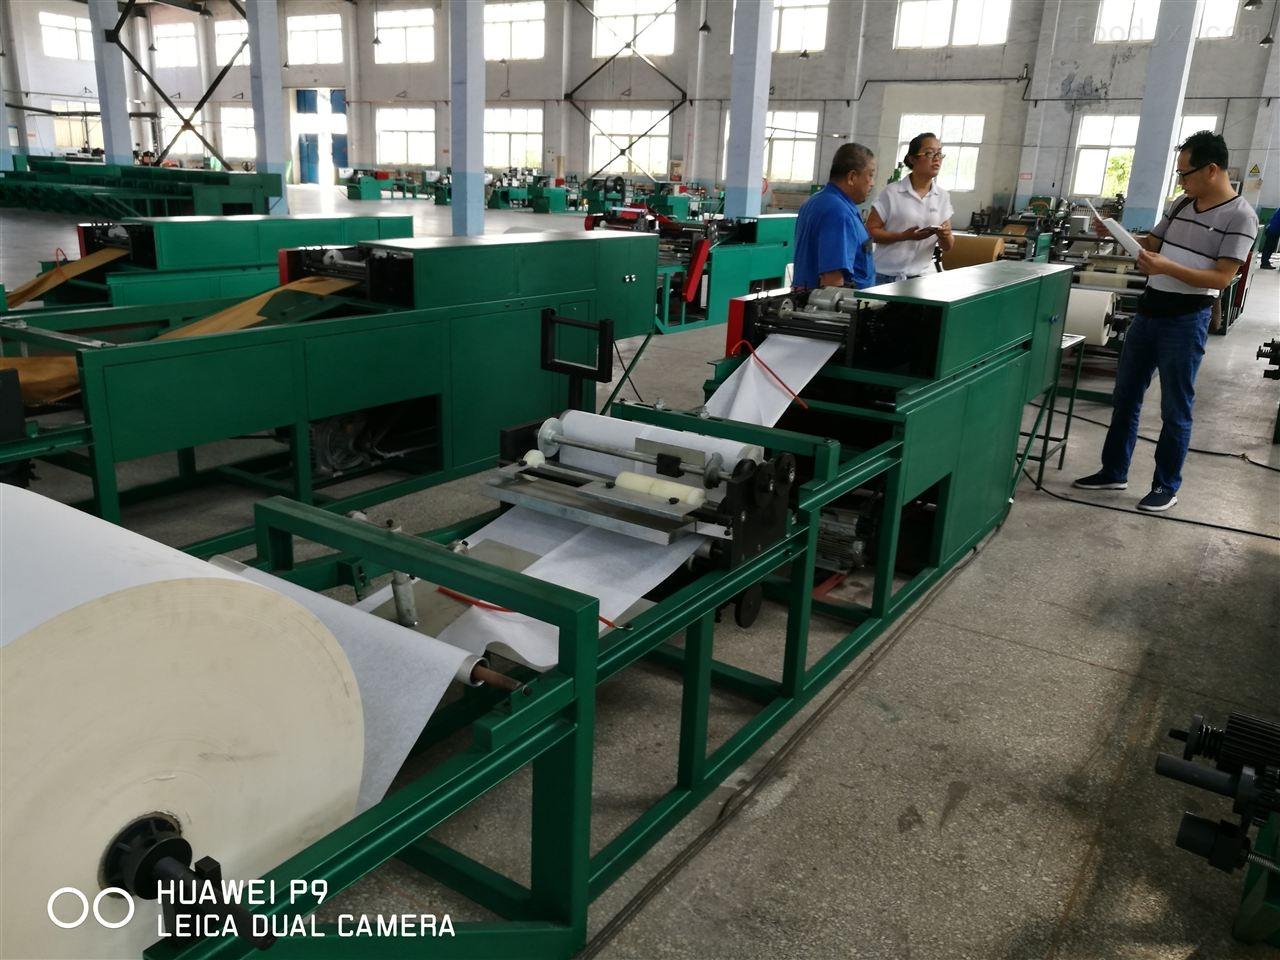 葡萄果袋机 制作葡萄袋的机器厂家